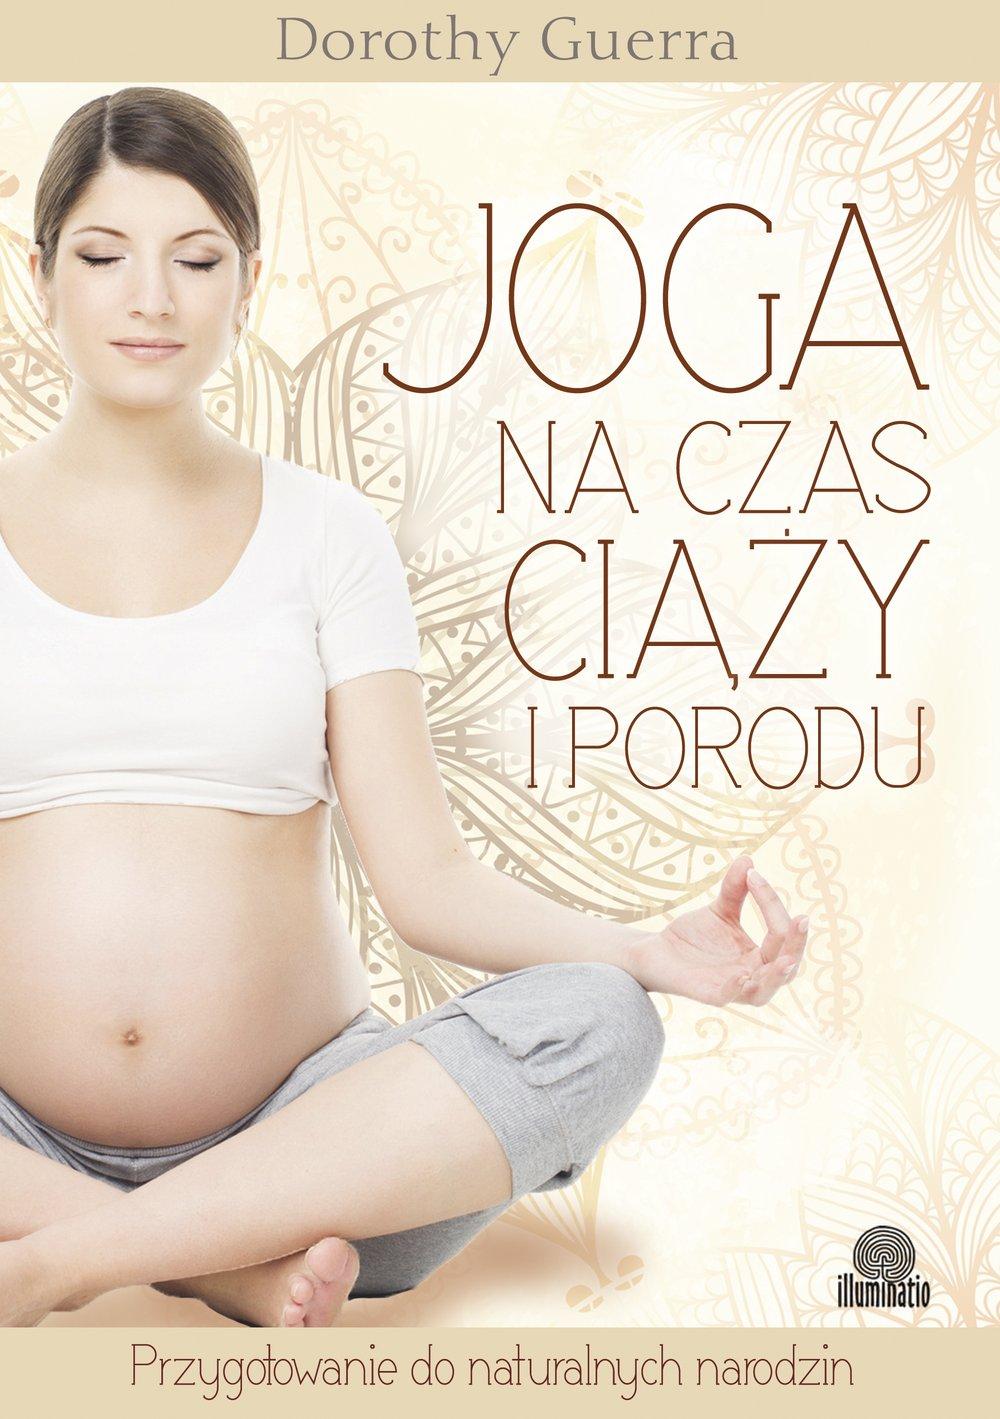 Joga na czas ciąży i porodu. Przygotowanie do naturalnych narodzin - Ebook (Książka EPUB) do pobrania w formacie EPUB